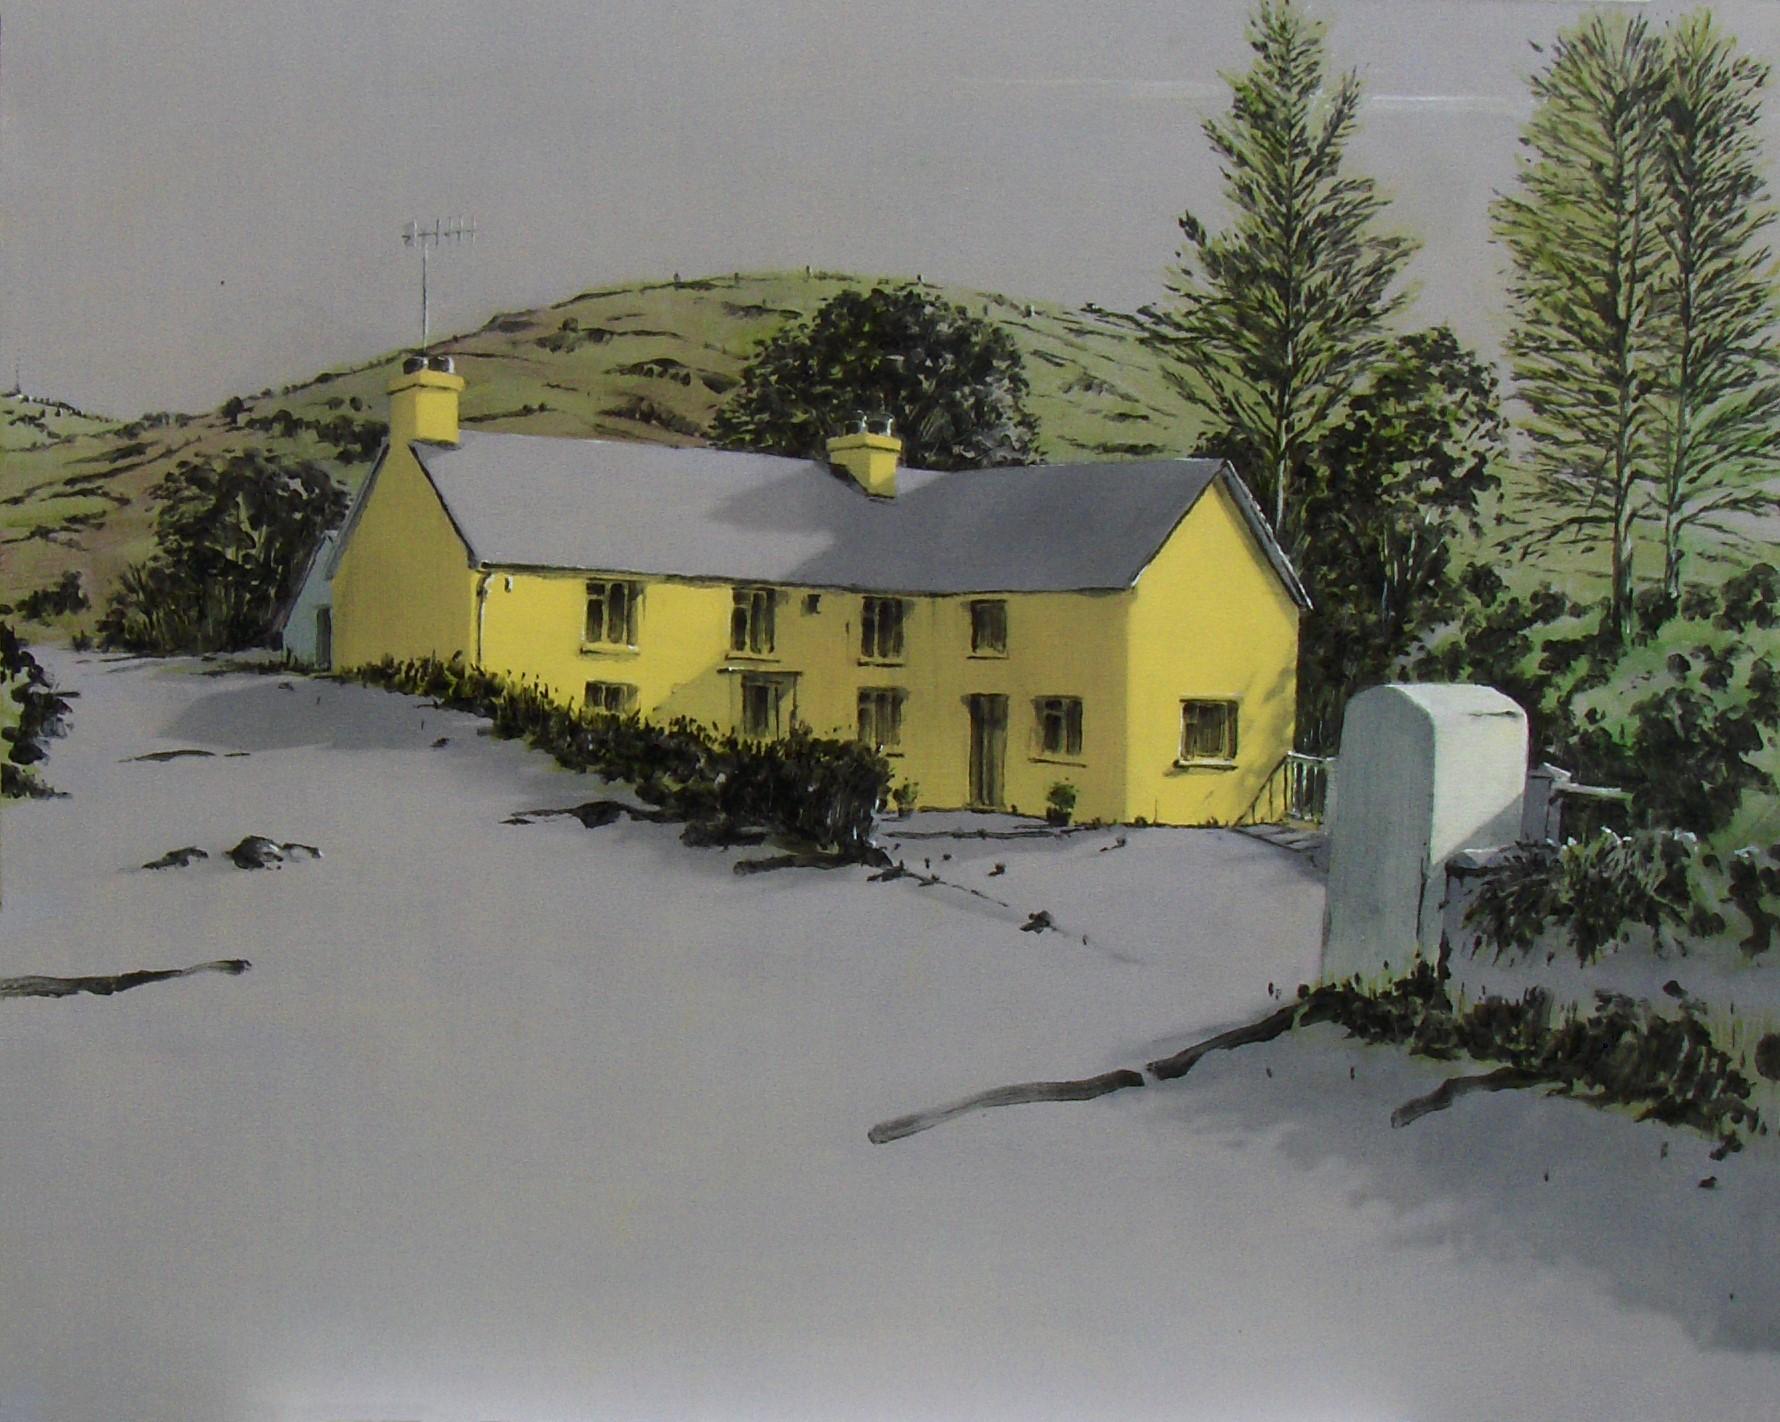 The Harringtons' House